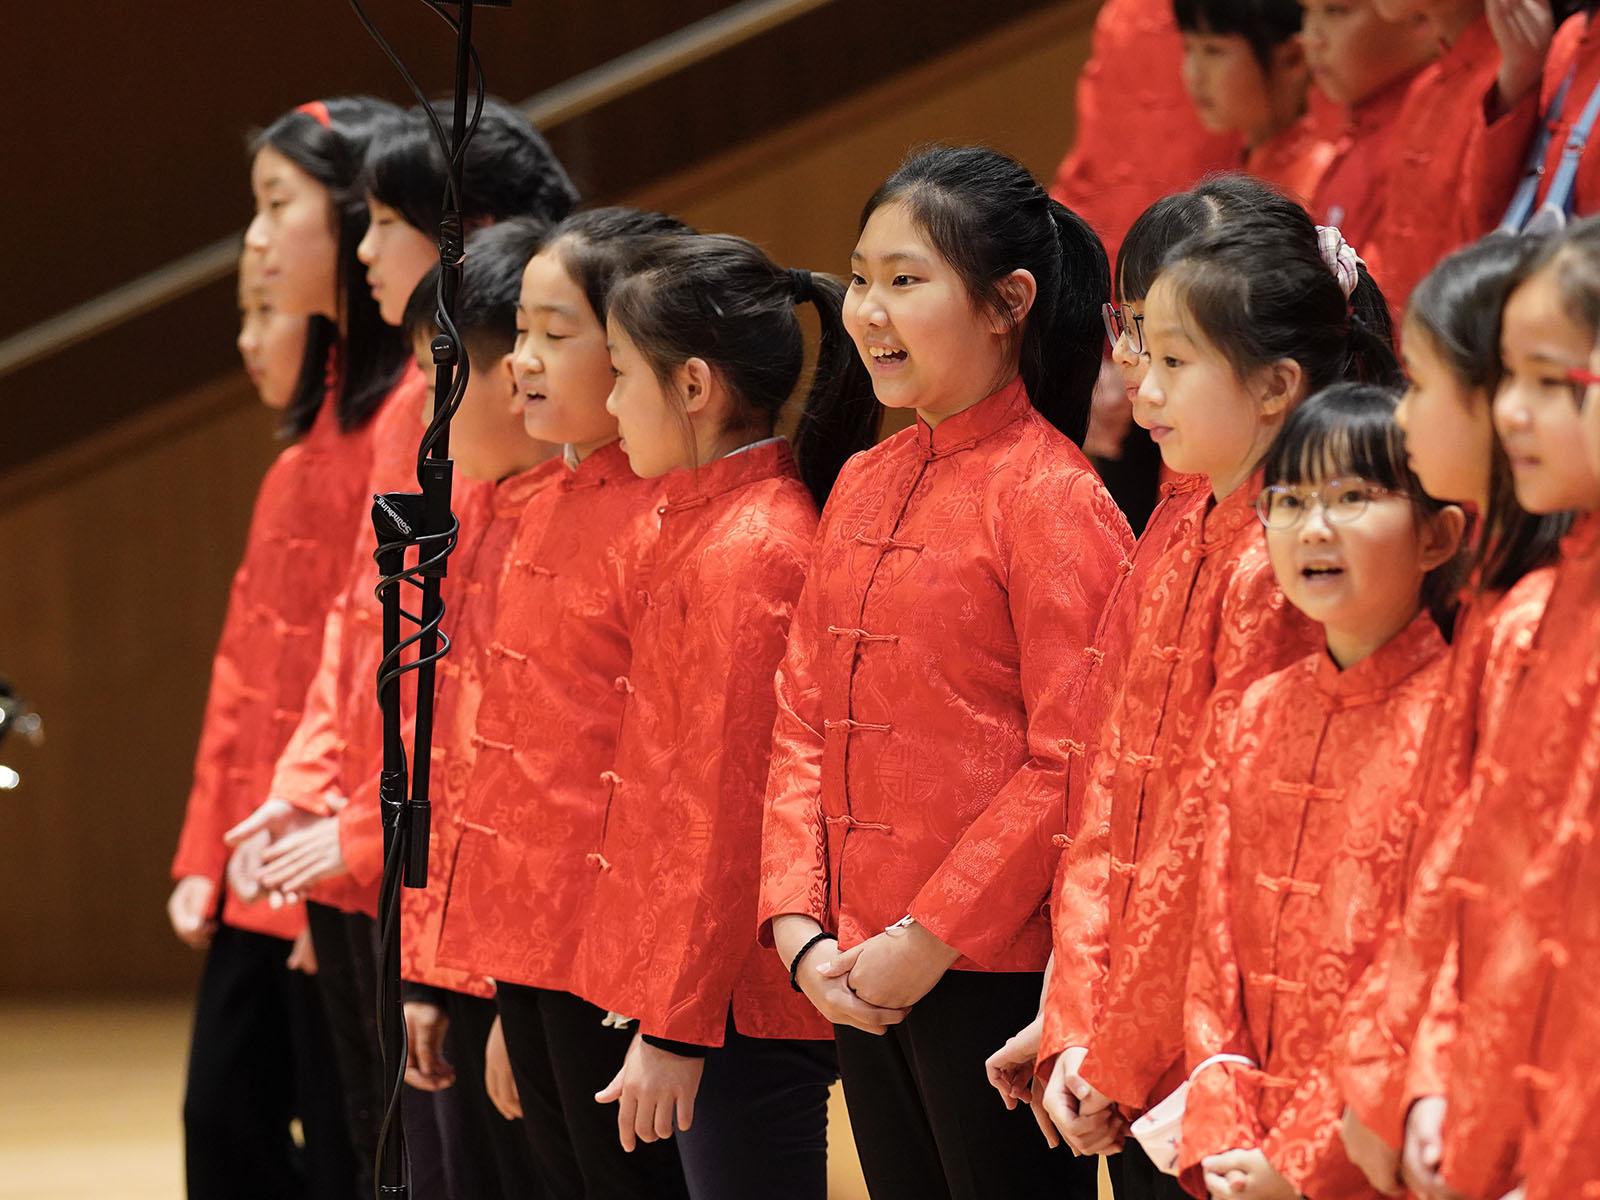 Mei Lan Fang Choir